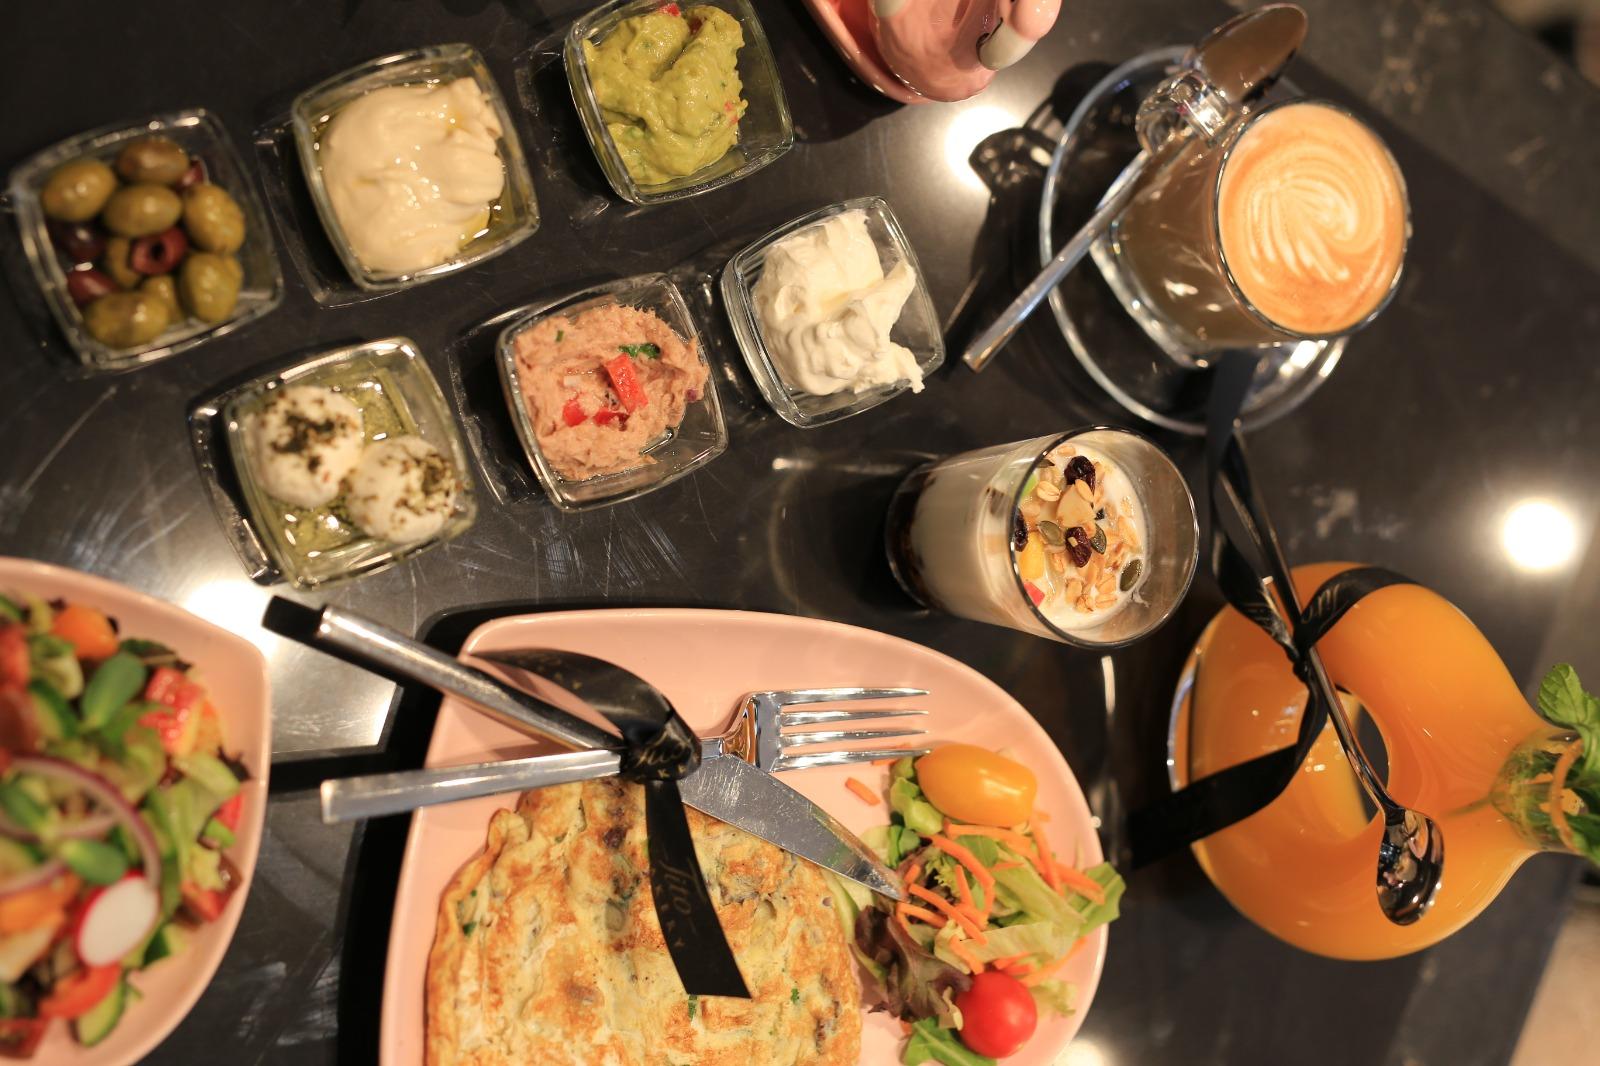 فطورك عنّا.. مقهى تيتو يوفّر أشهى وجبات الفطور مع خدمة التوصيل للبيوت